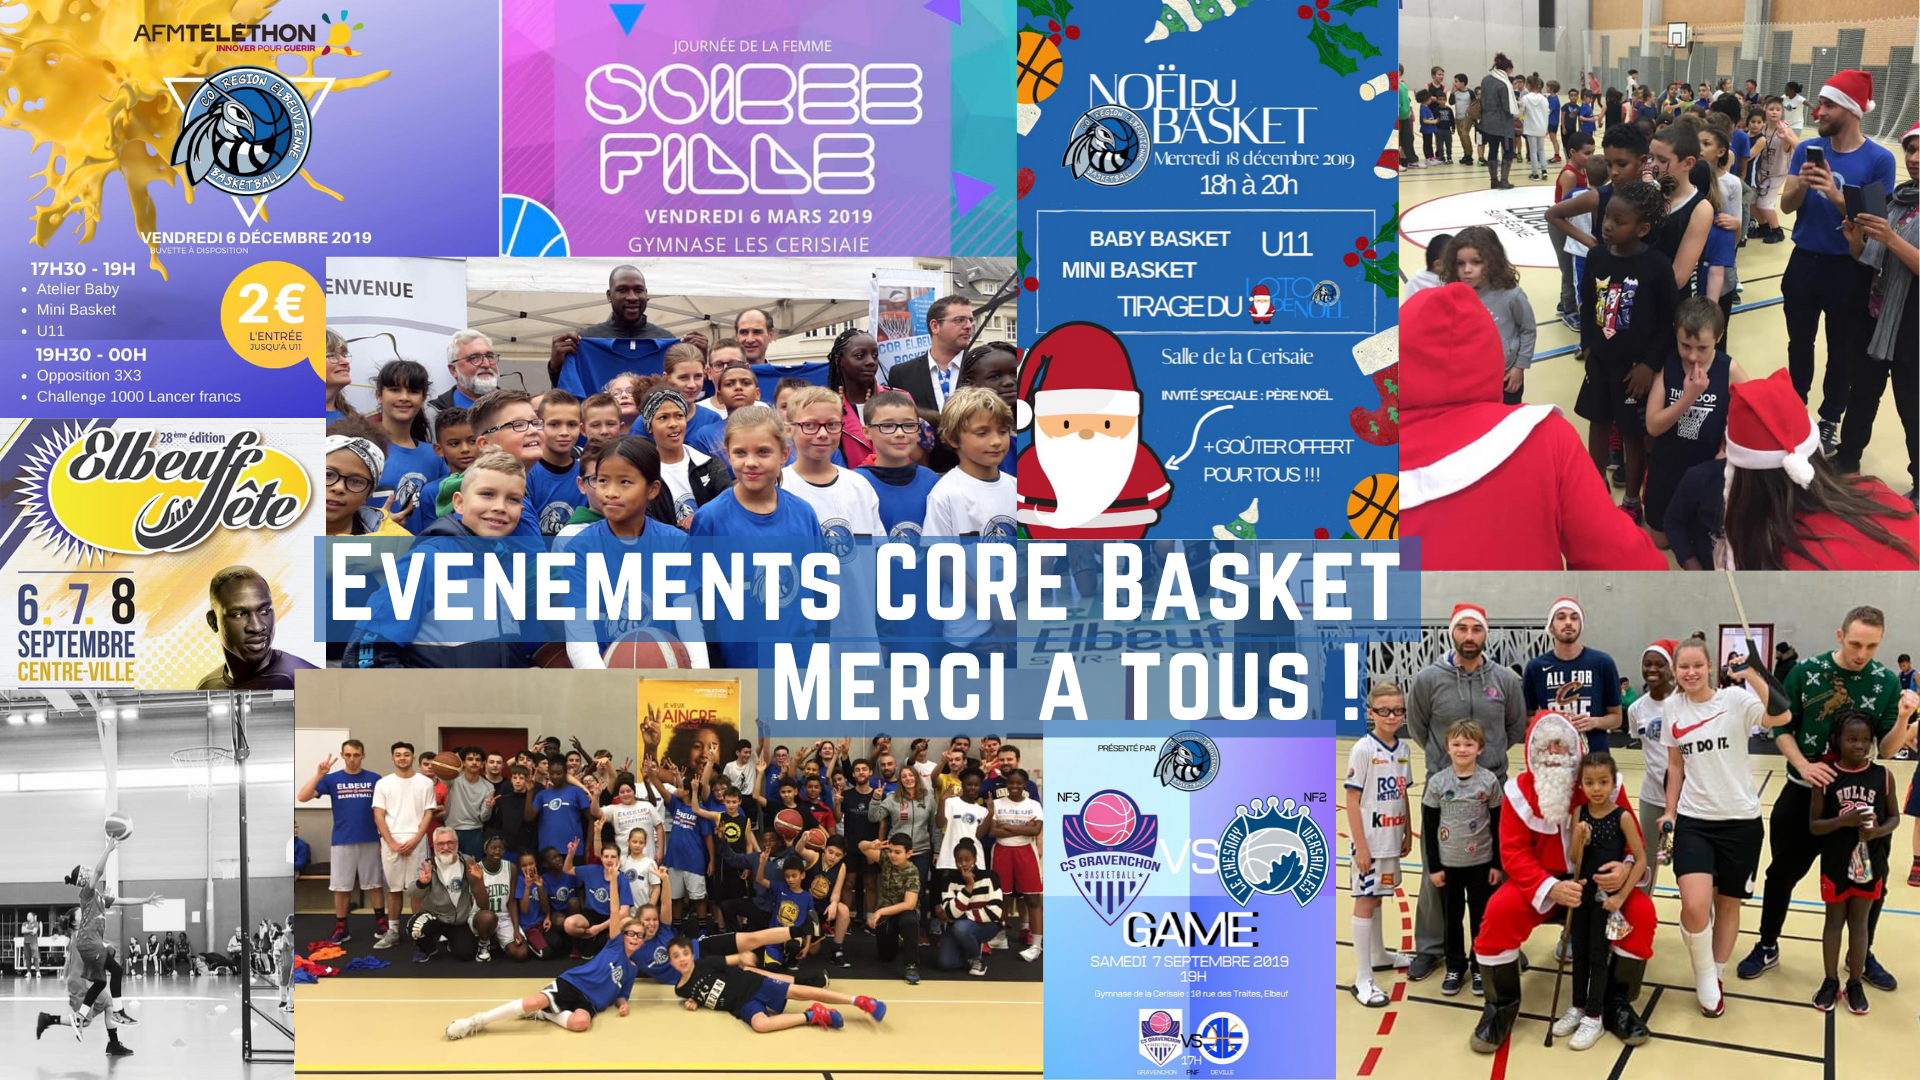 Merci à tous d'avoir participé aux nombreux événements organisés par le CORE Basket !